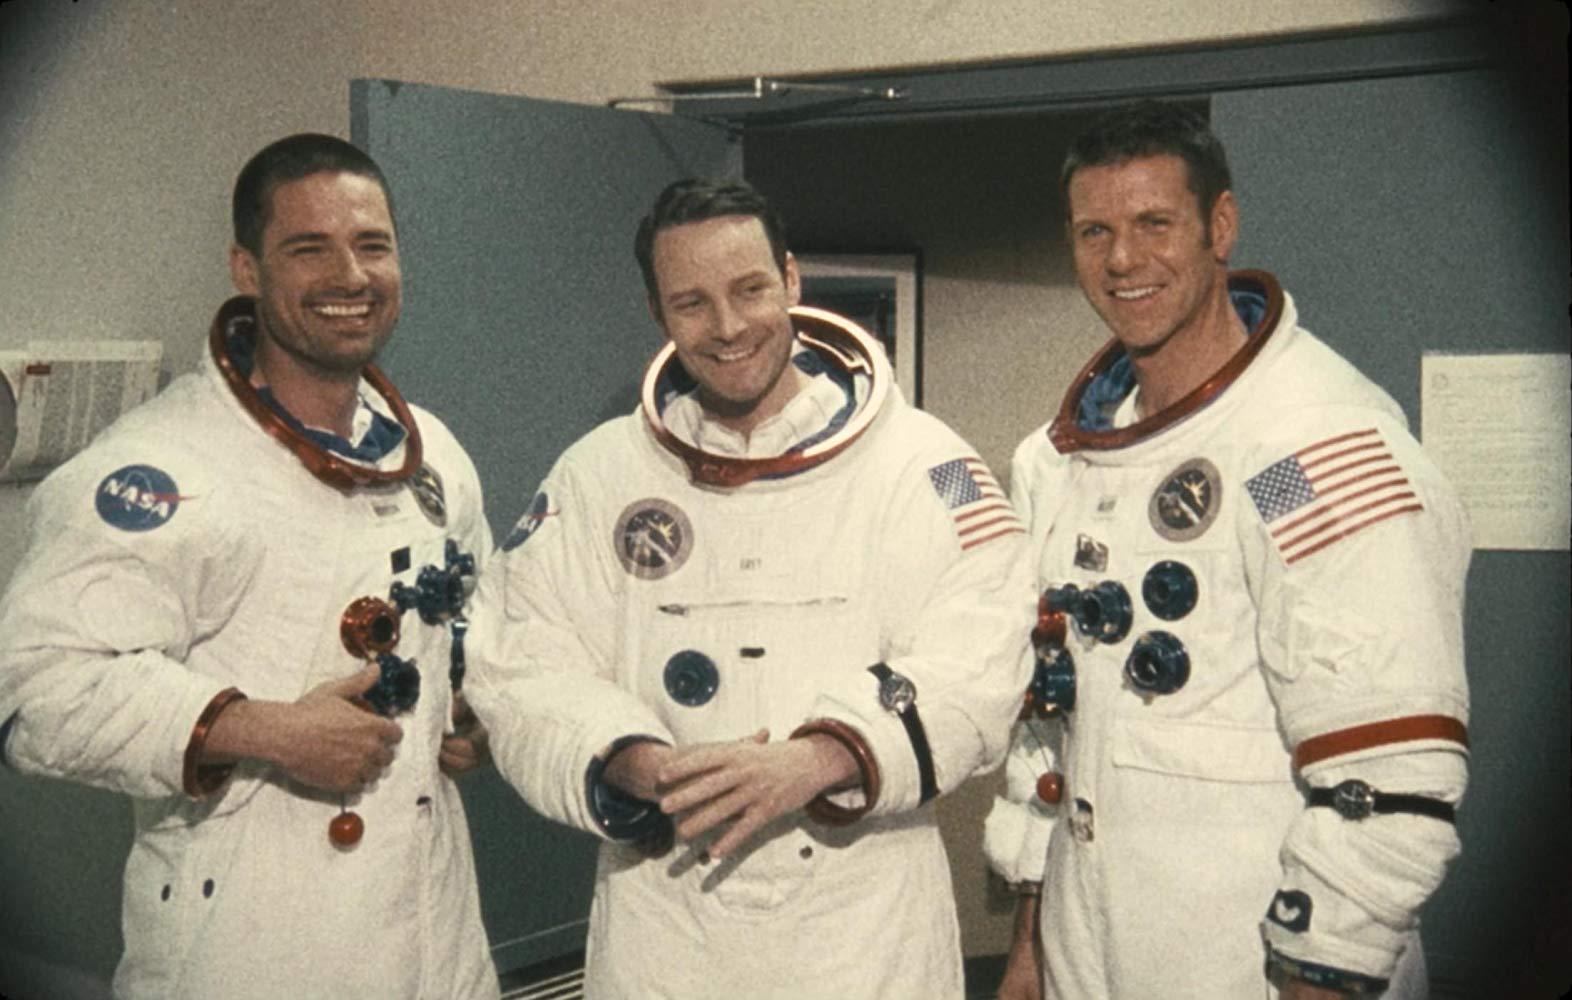 دانلود فیلم آپولو ۱۸ (Apollo 18 2011) با زیرنویس فارسی